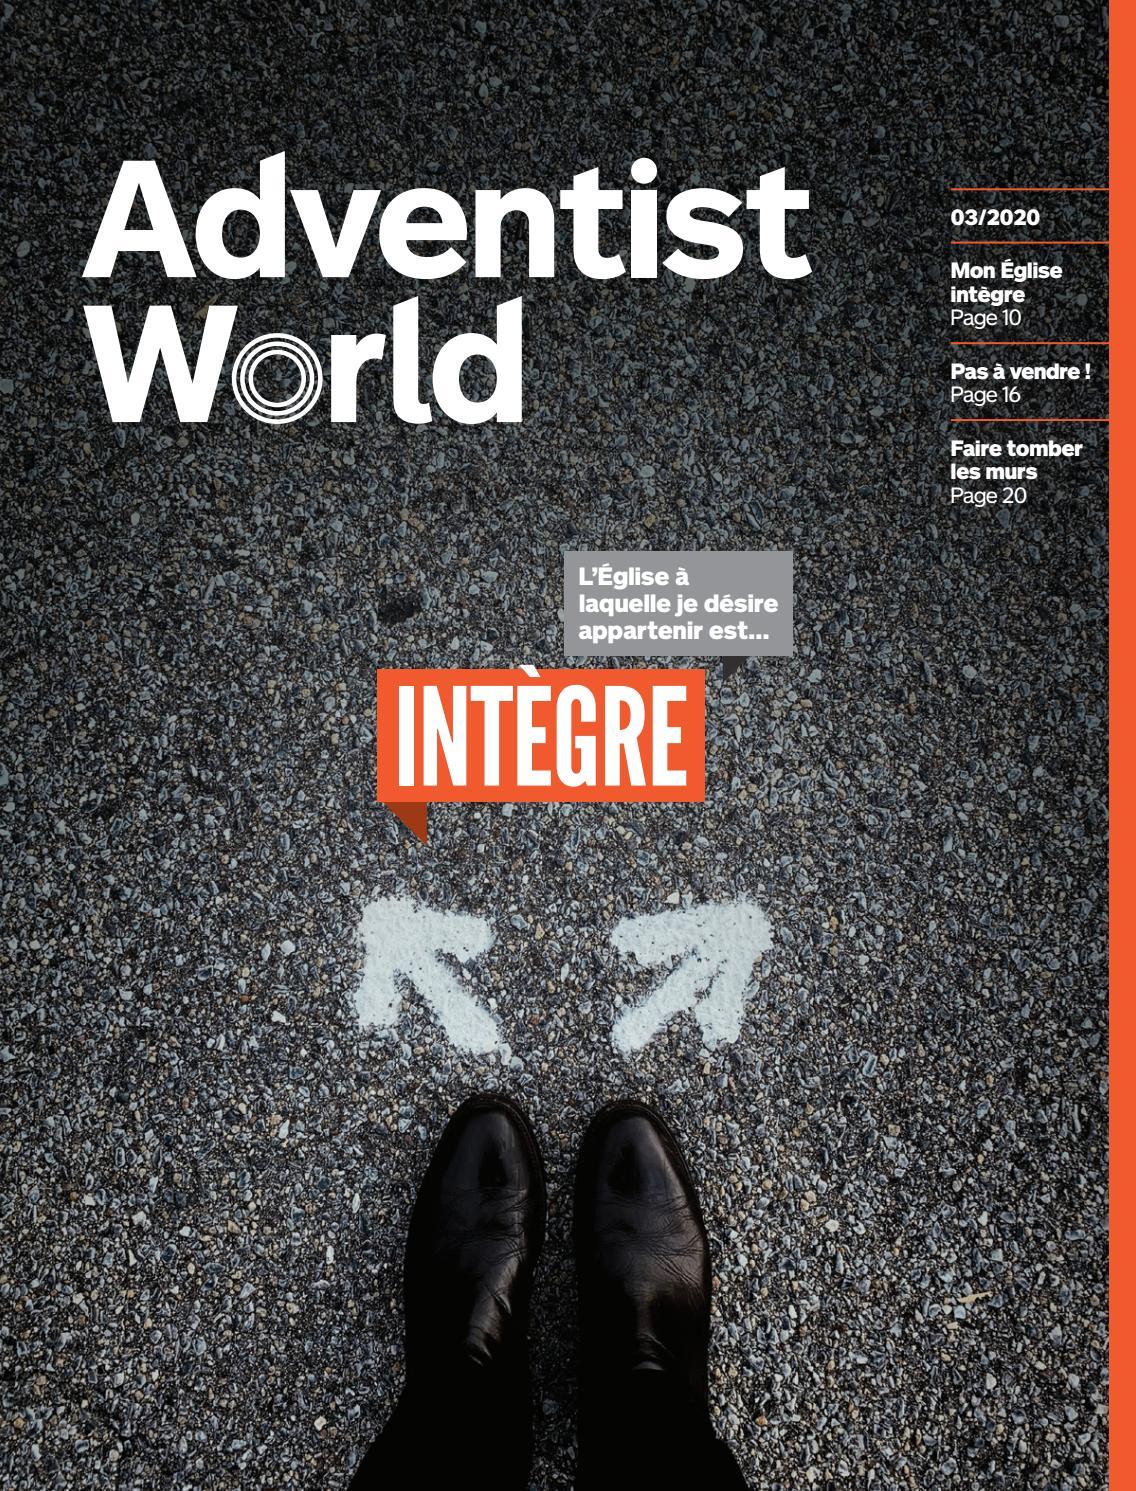 Les Moineaux De La Mariée adventist world french - march 2020adventist world